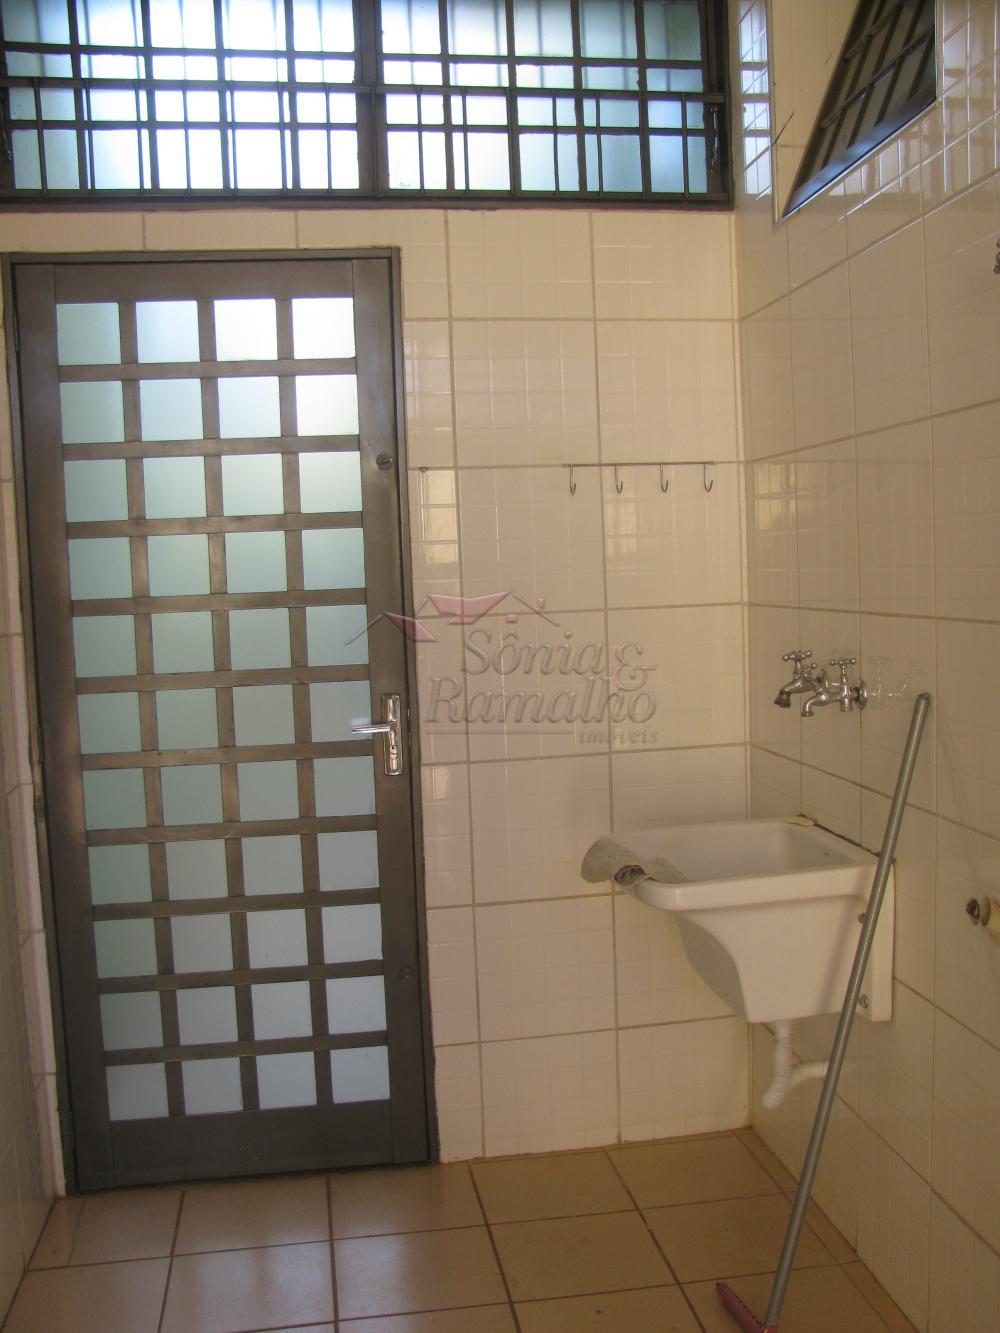 Comprar Casas / Padrão em Ribeirão Preto apenas R$ 400.000,00 - Foto 12